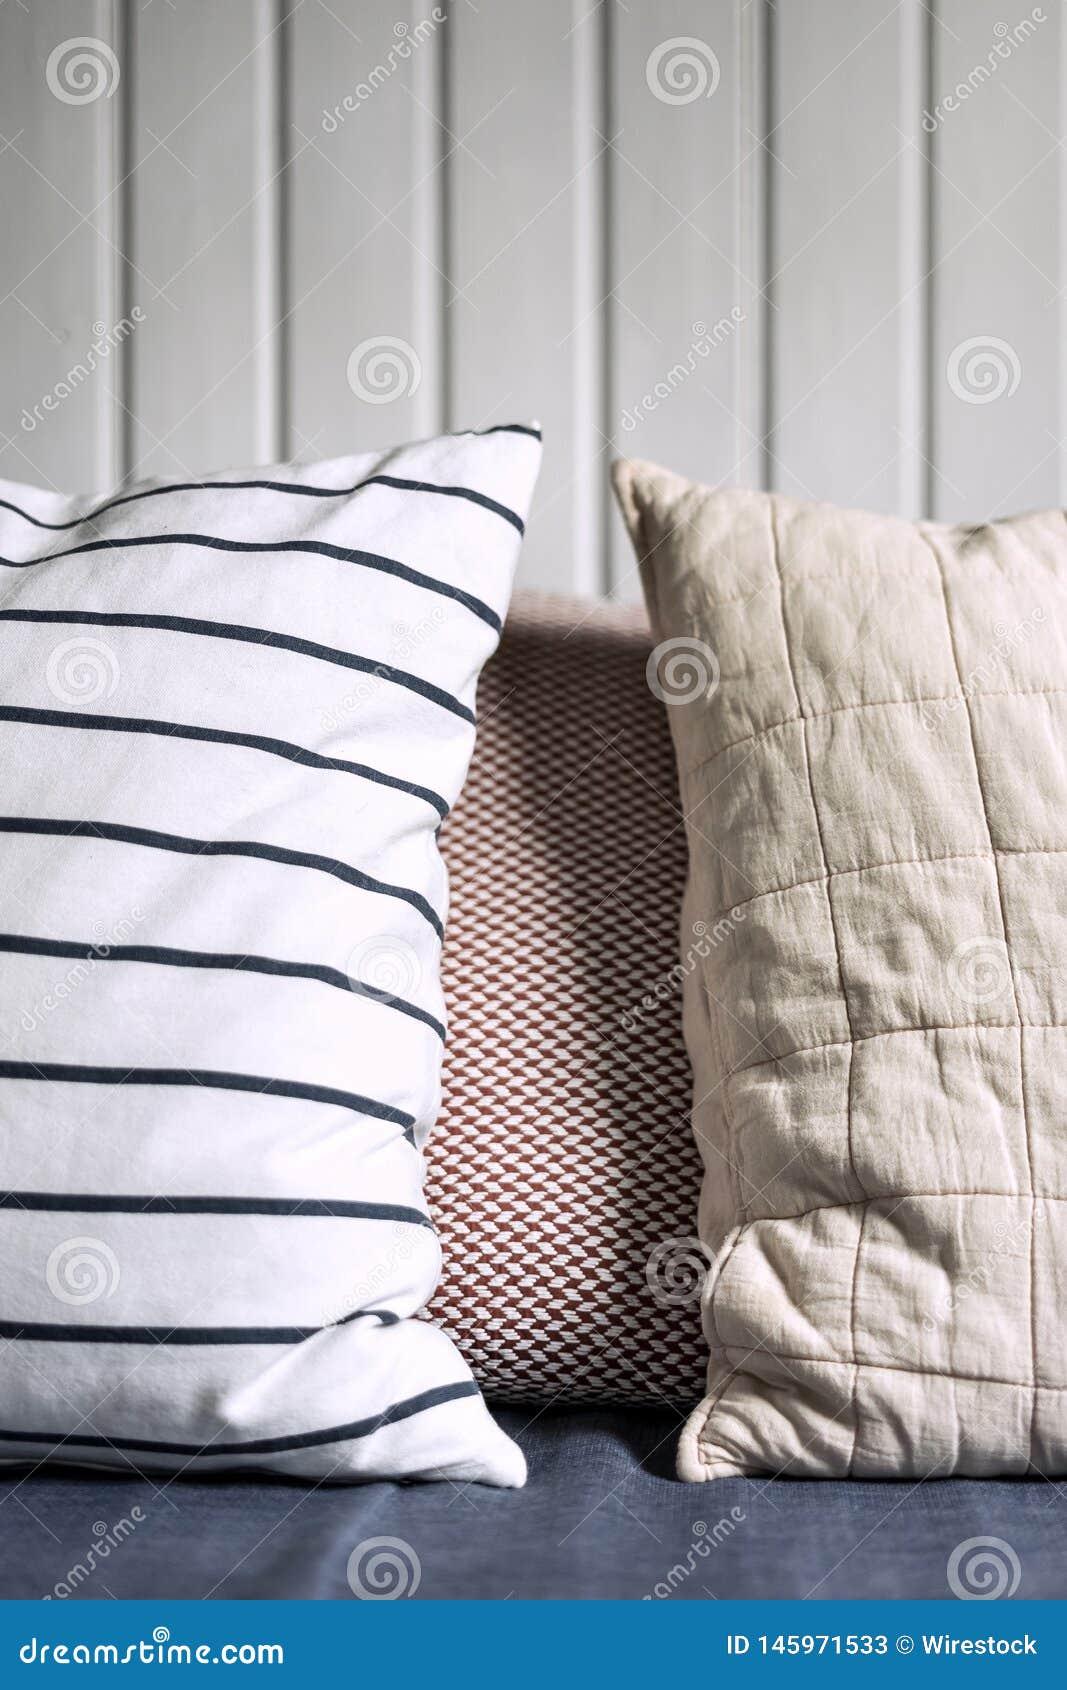 两个枕头紧挨着有白色背景